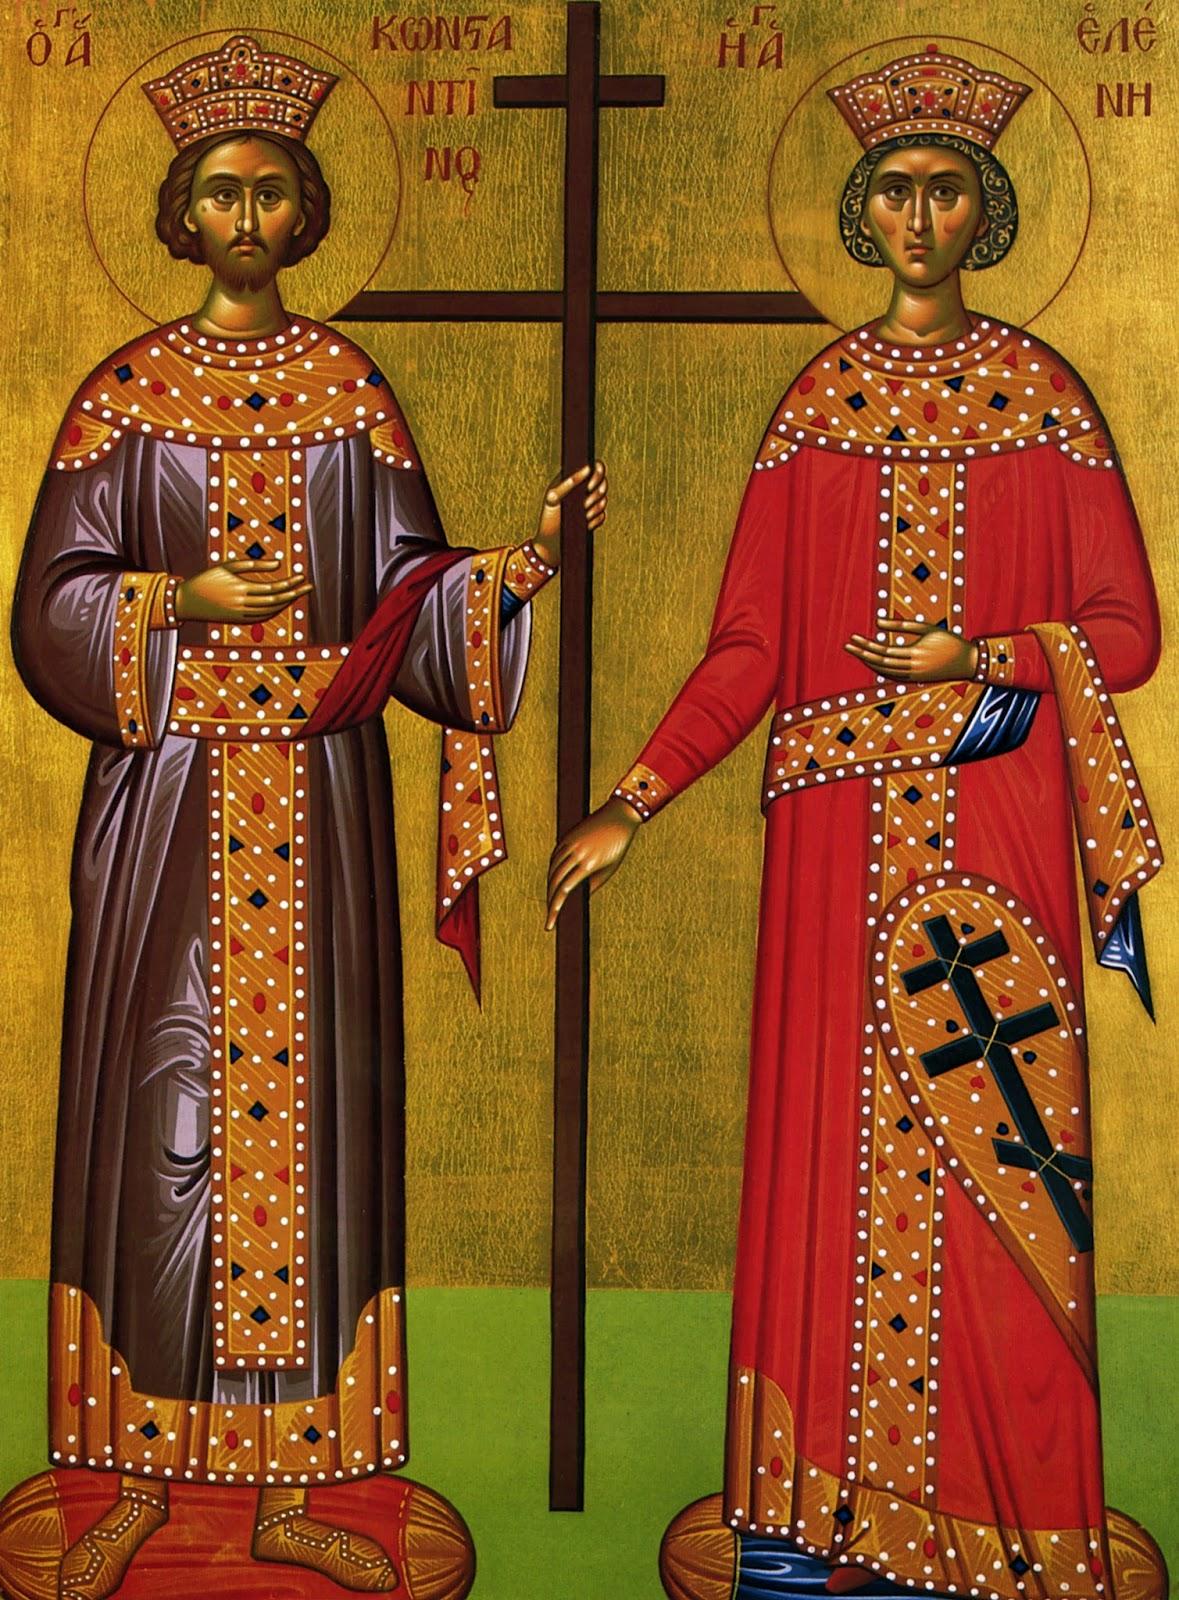 Αποτέλεσμα εικόνας για Άγιοι Κωνσταντίνος και Ελένη οι Ισαπόστολοι